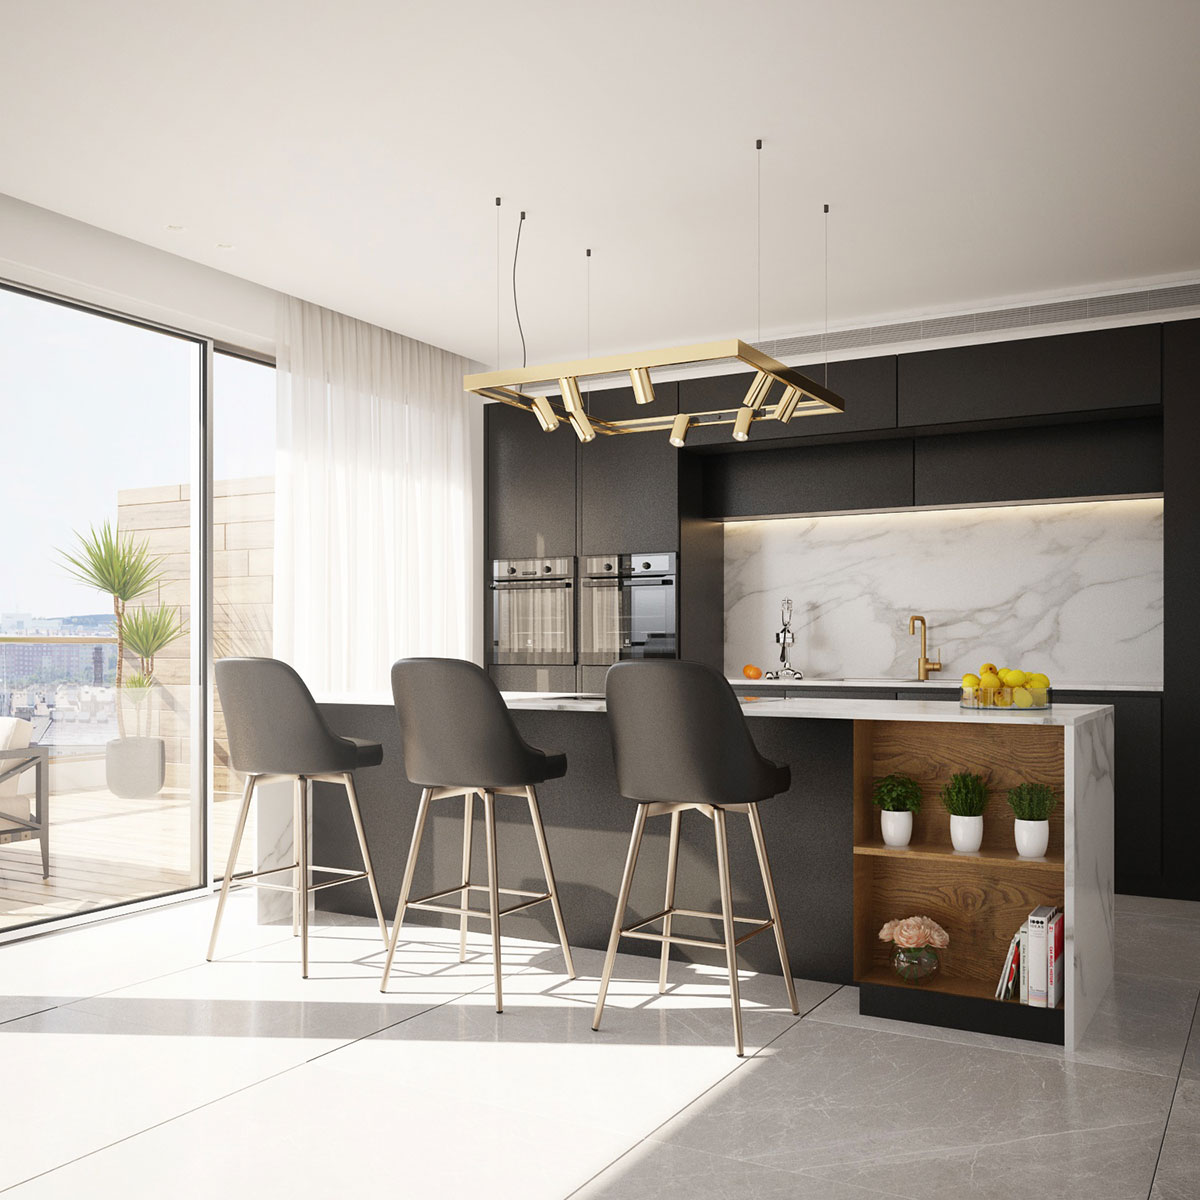 פרויקט מגורים בשינקין, תל אביב